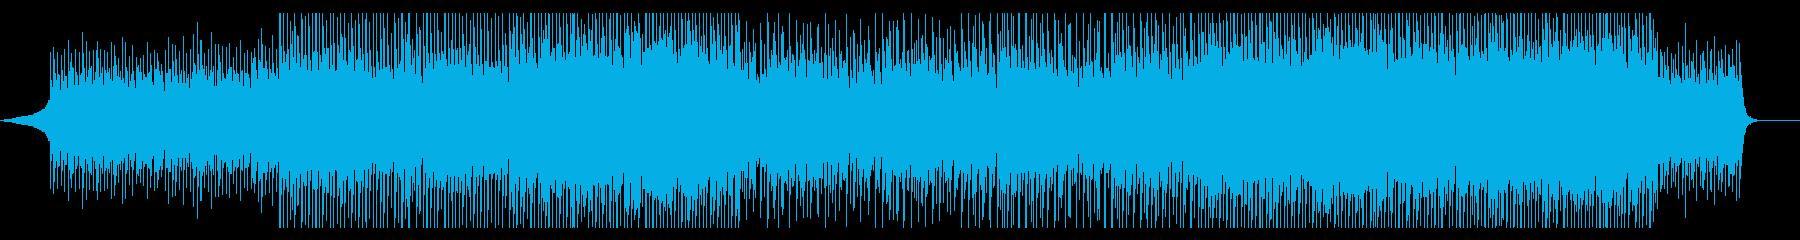 企業VP・無機質ミュートギター・4つ打ちの再生済みの波形